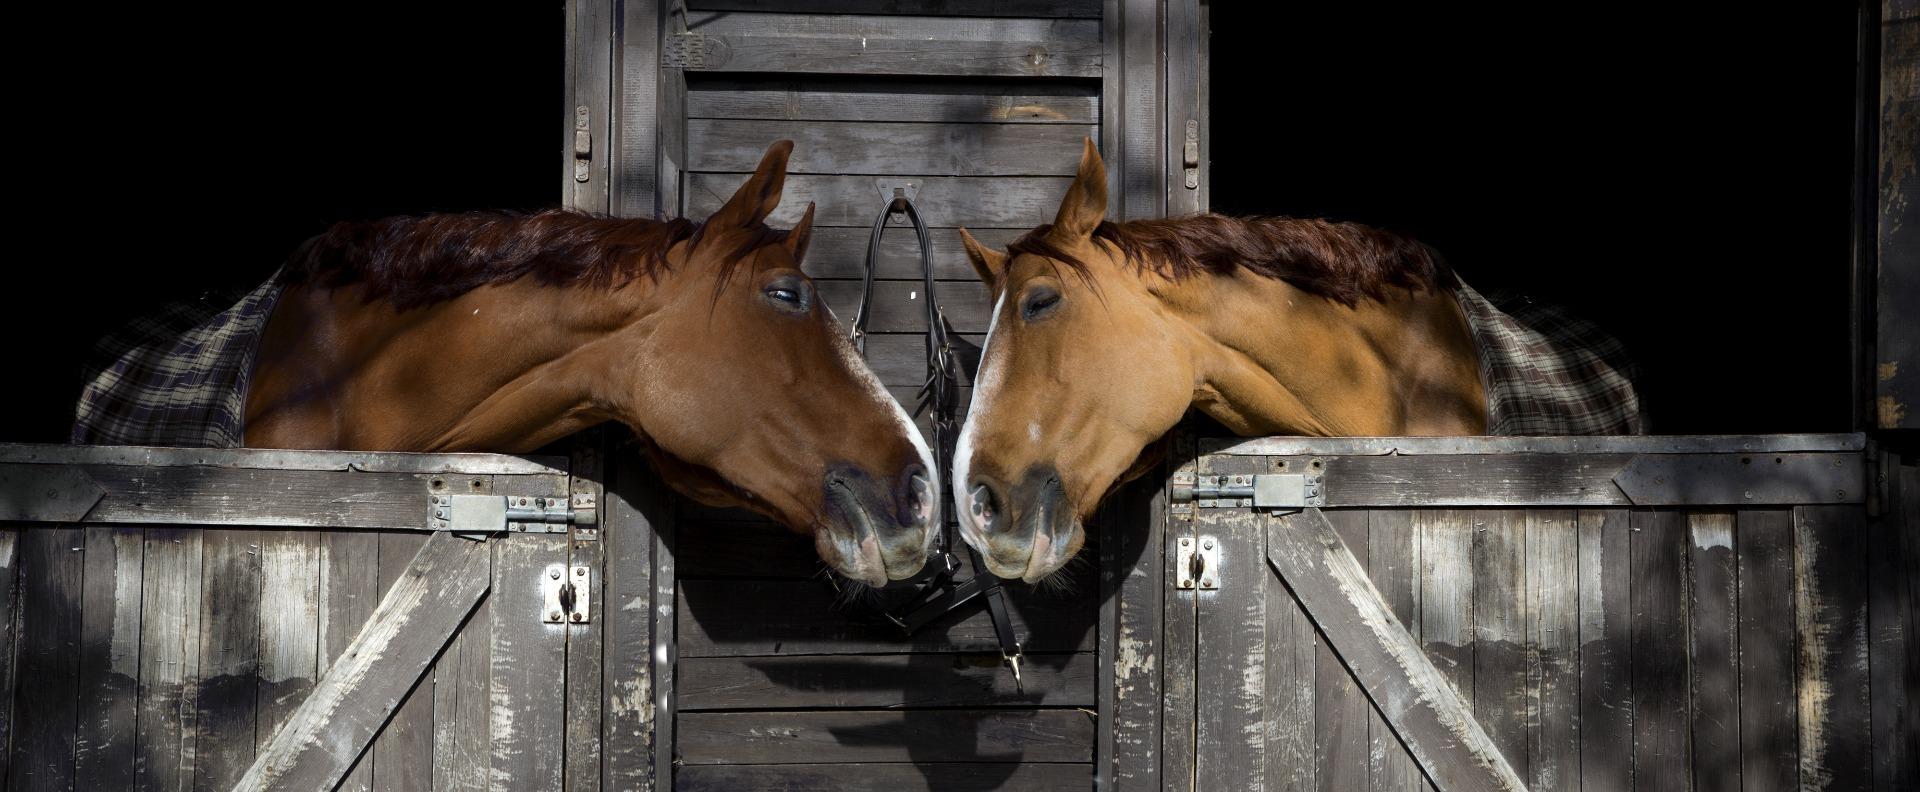 Stübben, Sattel, Sättel, Pferd. Pferde, Stall, Stallklima, Einstreu